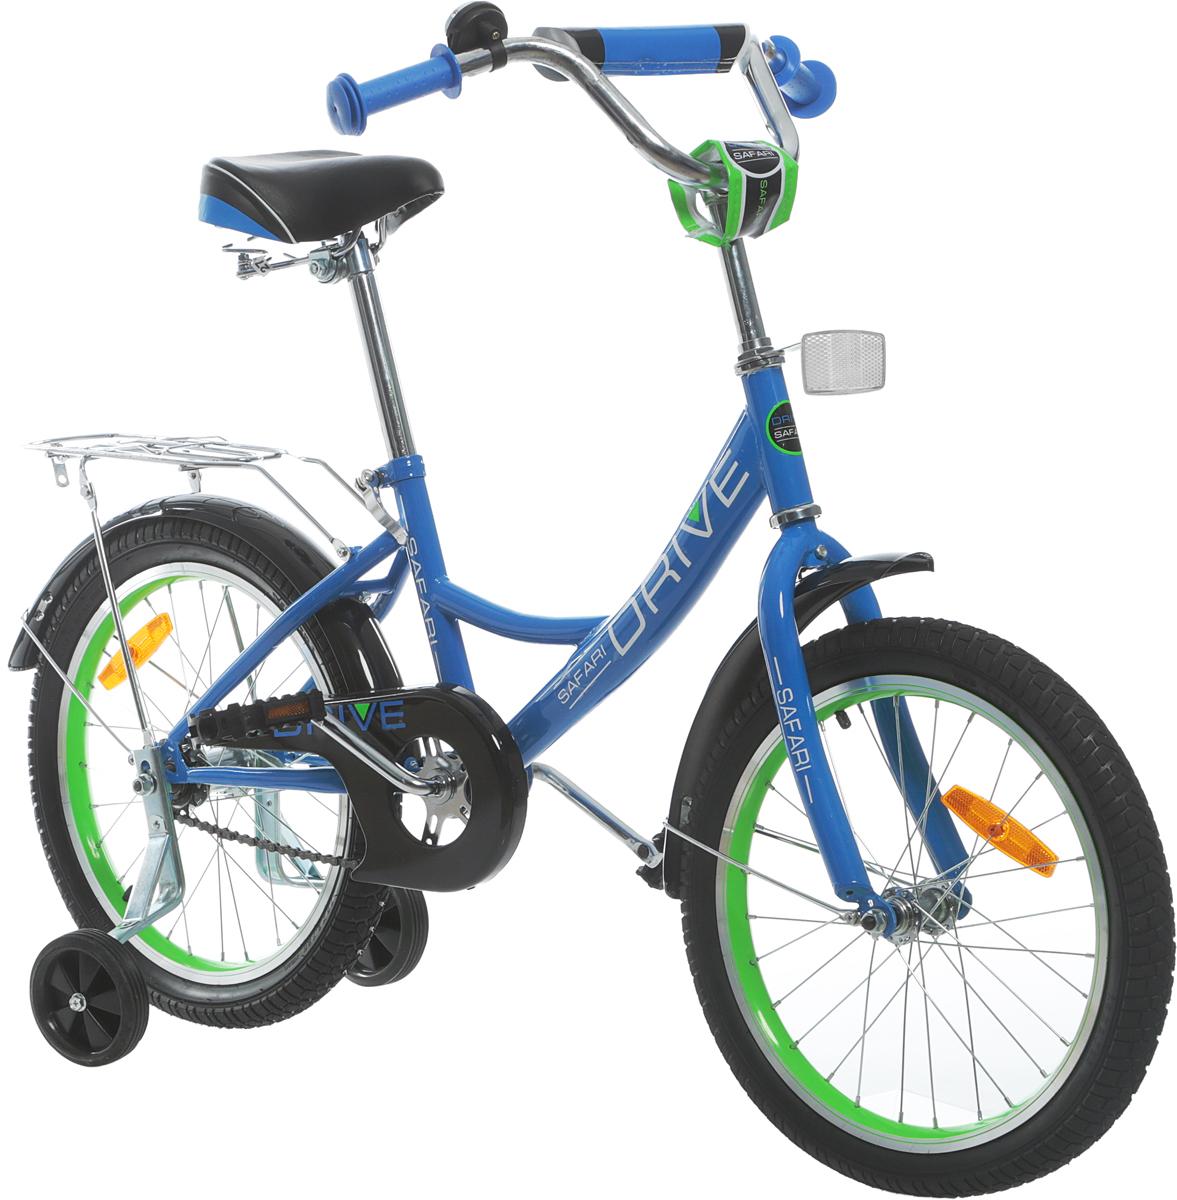 Велосипед детский Safari Proff Drive, двухколесный, цвет: синий, колесо 181044607Аргоновая облегченная рама, багажник, алюминиевый облегченный обод колес, хорошо выдерживает ударную нагрузку, защищает от восьмерок; защита цепи, катафоты, комфортное широкое сиденье с амортизацией, боковые пластиковые колеса, ограничитель поворота руля, задний ножной тормоз.